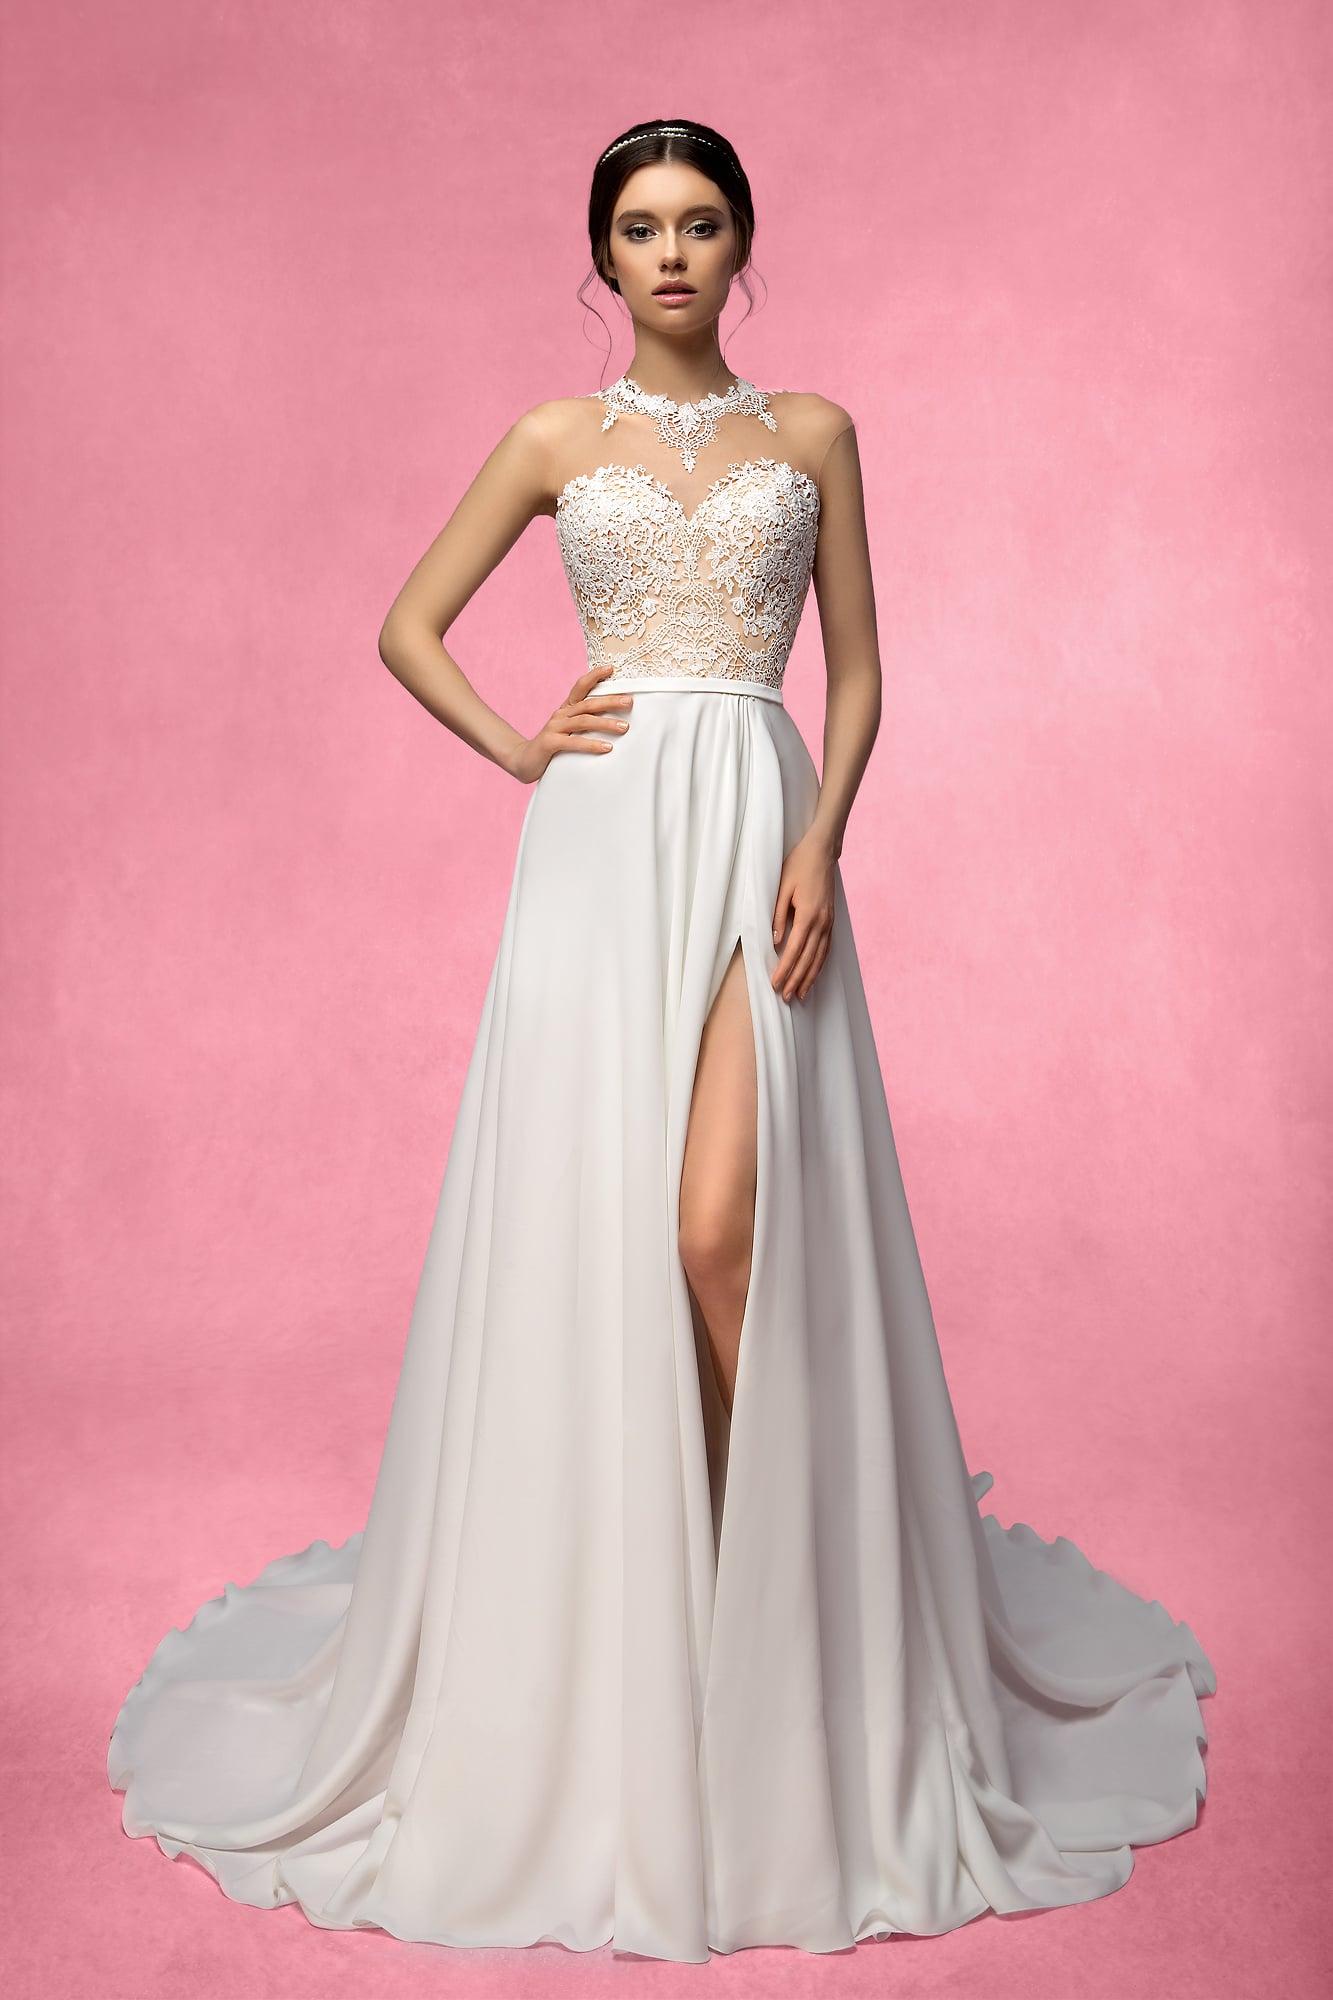 d28ca1d70b0 Прямое свадебное платье с разрезом сбоку на юбке и бежевым открытым  корсетом.